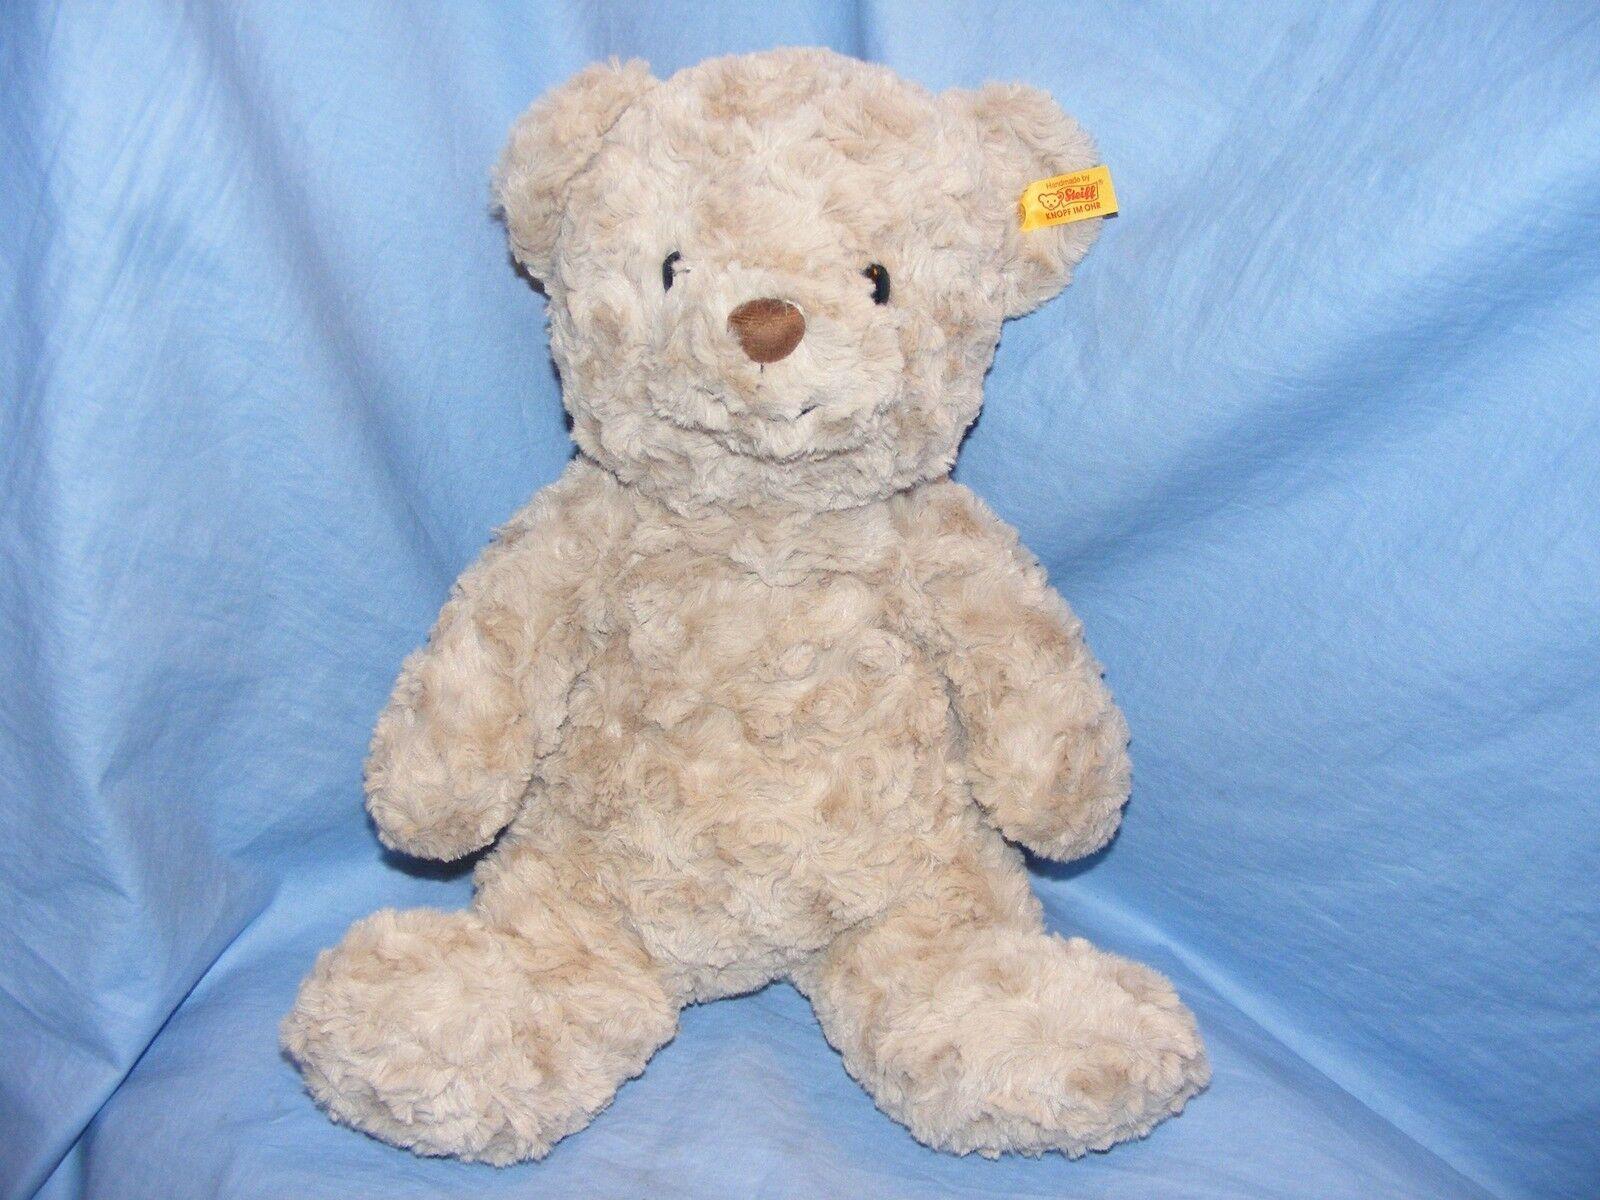 Steiff Honig Teddybär 38cm Plüsch Stofftier Geburtstag Geburtstag Geburtstag Taufe Geschenk Box NEU 5e9947